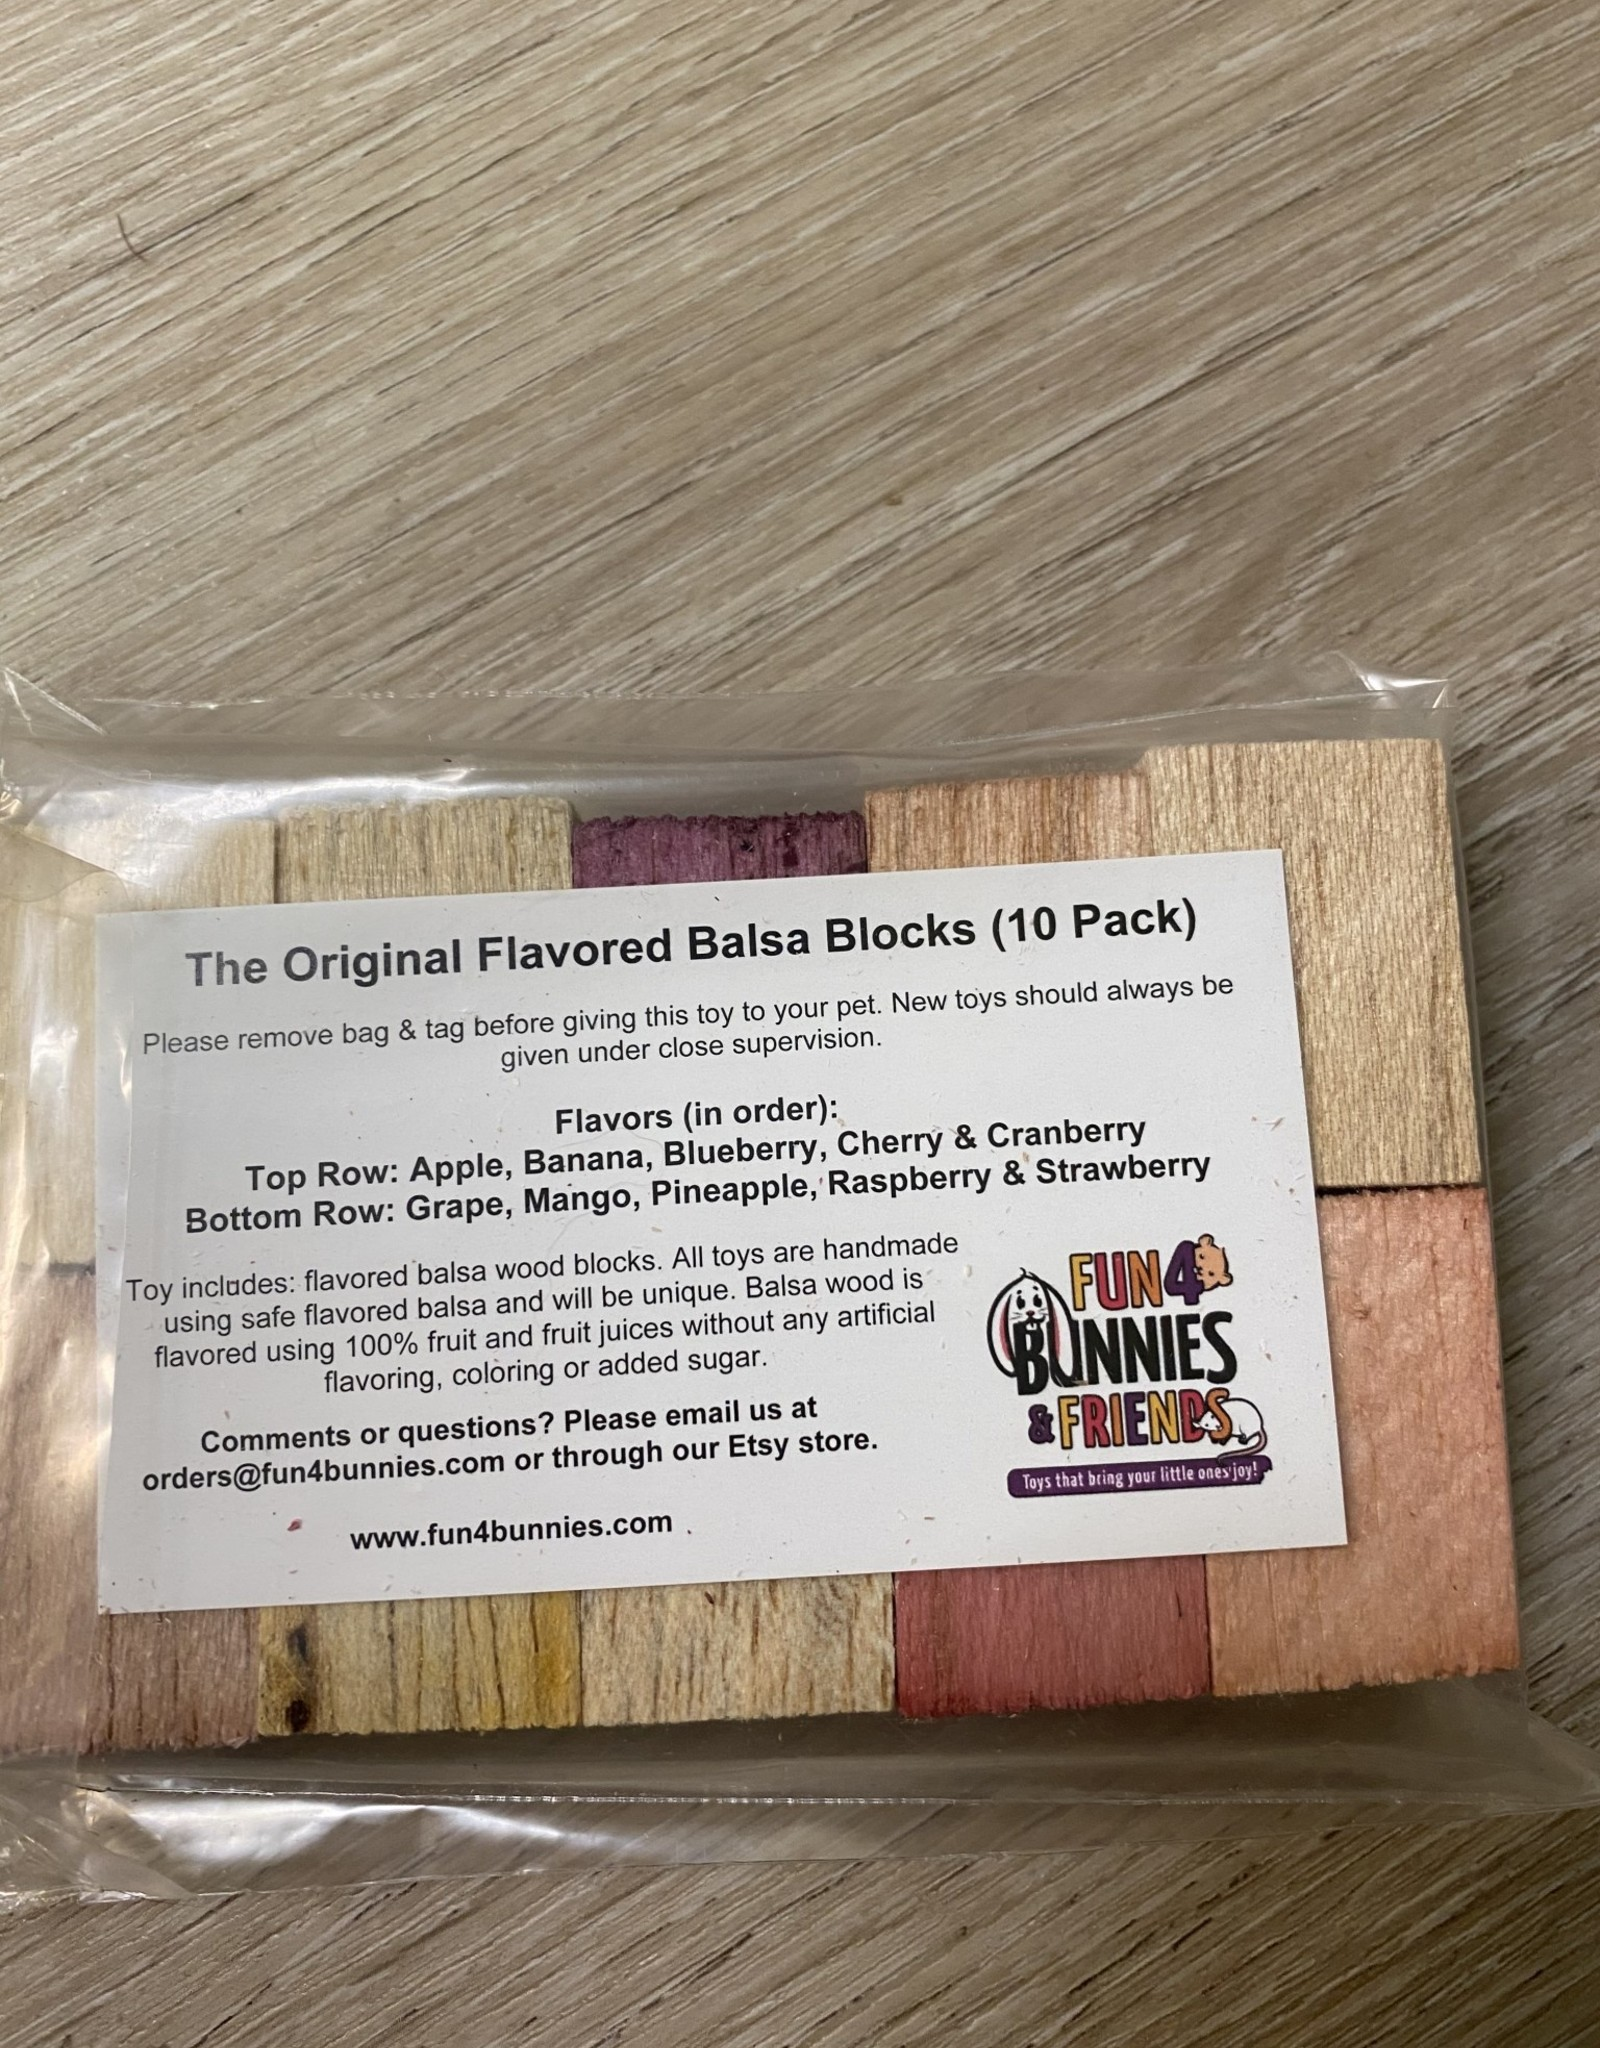 The Original Flavored Balsa Blocks (10pk)